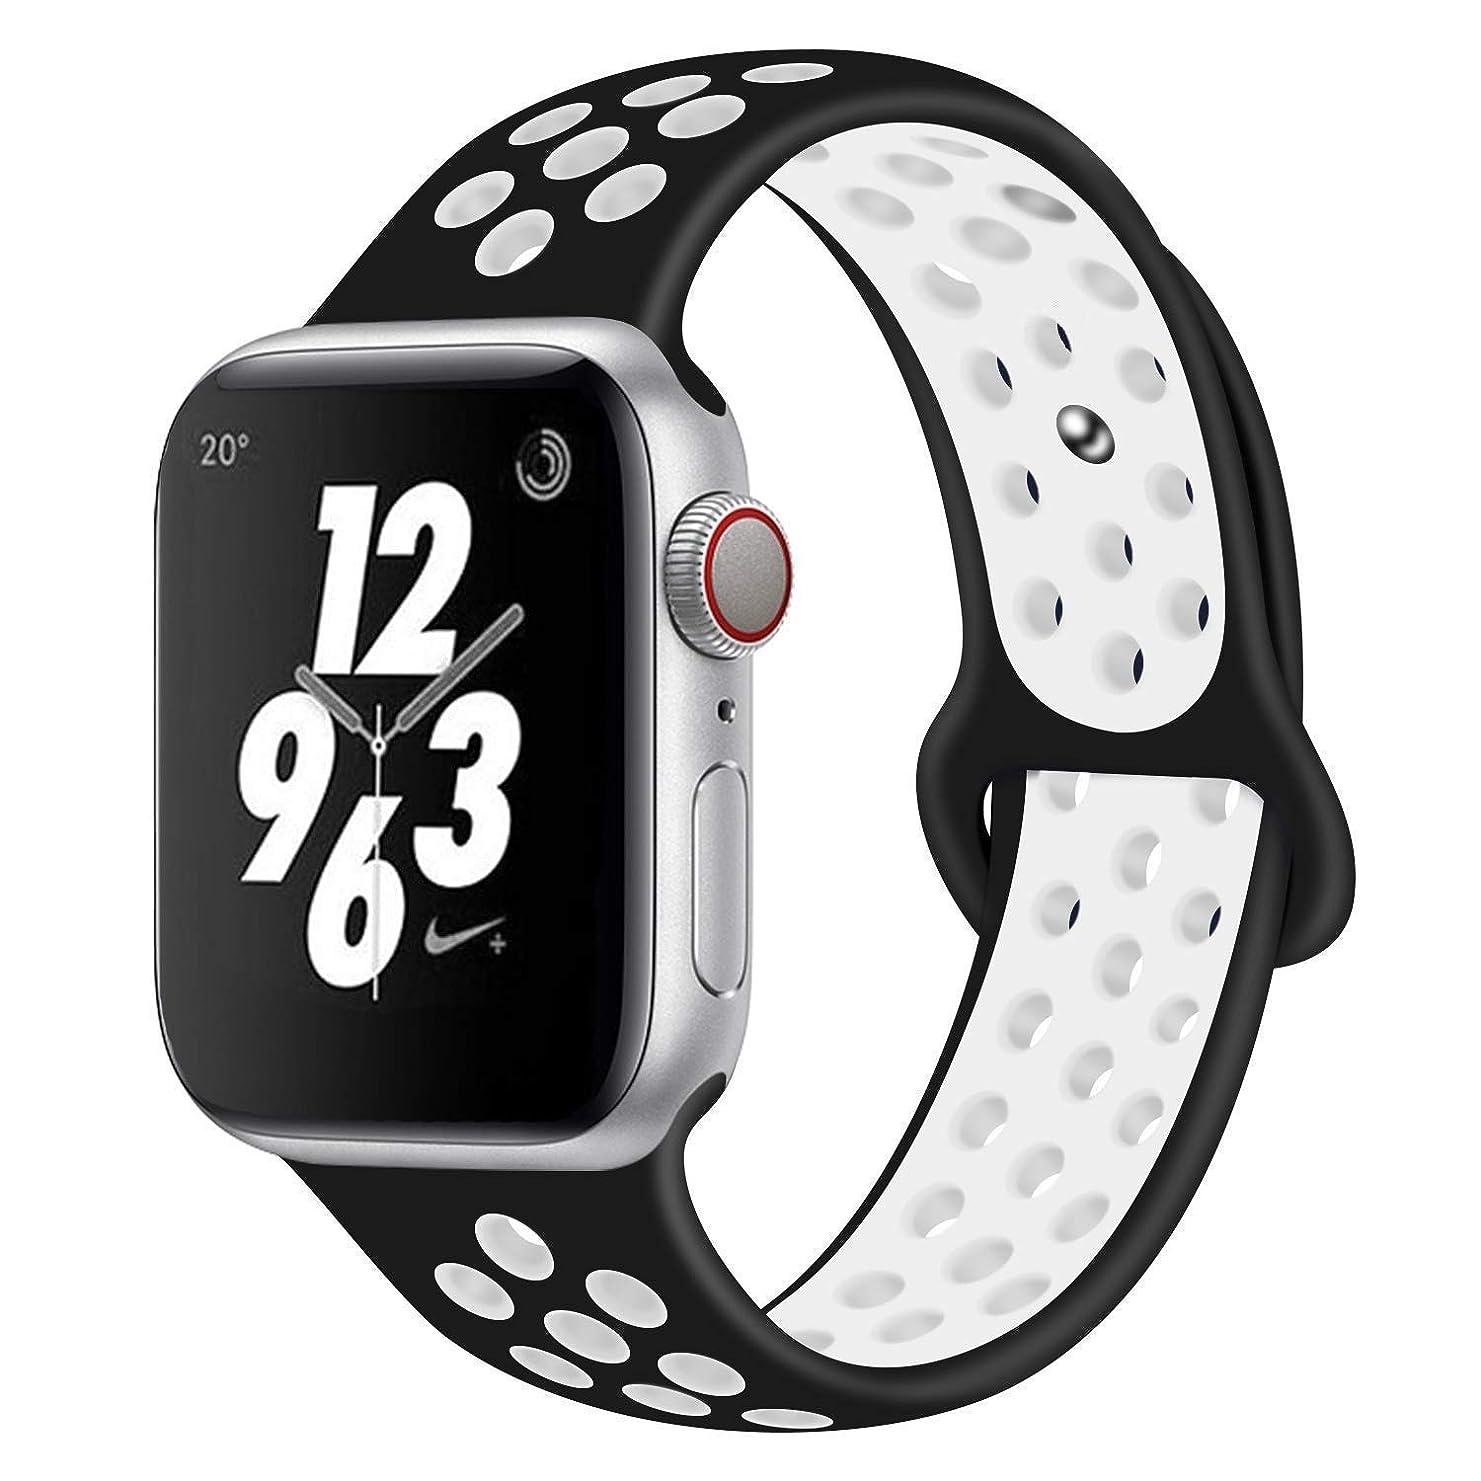 盗賊ママ接ぎ木Apple Watch Band 交換バンド コンパチブル Apple Watch 3 42MM Apple Watch 4/5 44MM コンパチブル Apple Watch バンド コンパチブル アップルウォッチバンド コンパチブルアップルソフトシリコンバンド apple watch バンド NEW Apple Watch Series 5 Series1/2/3/4 に対応 (42/44mm ブラック+ホワイト)